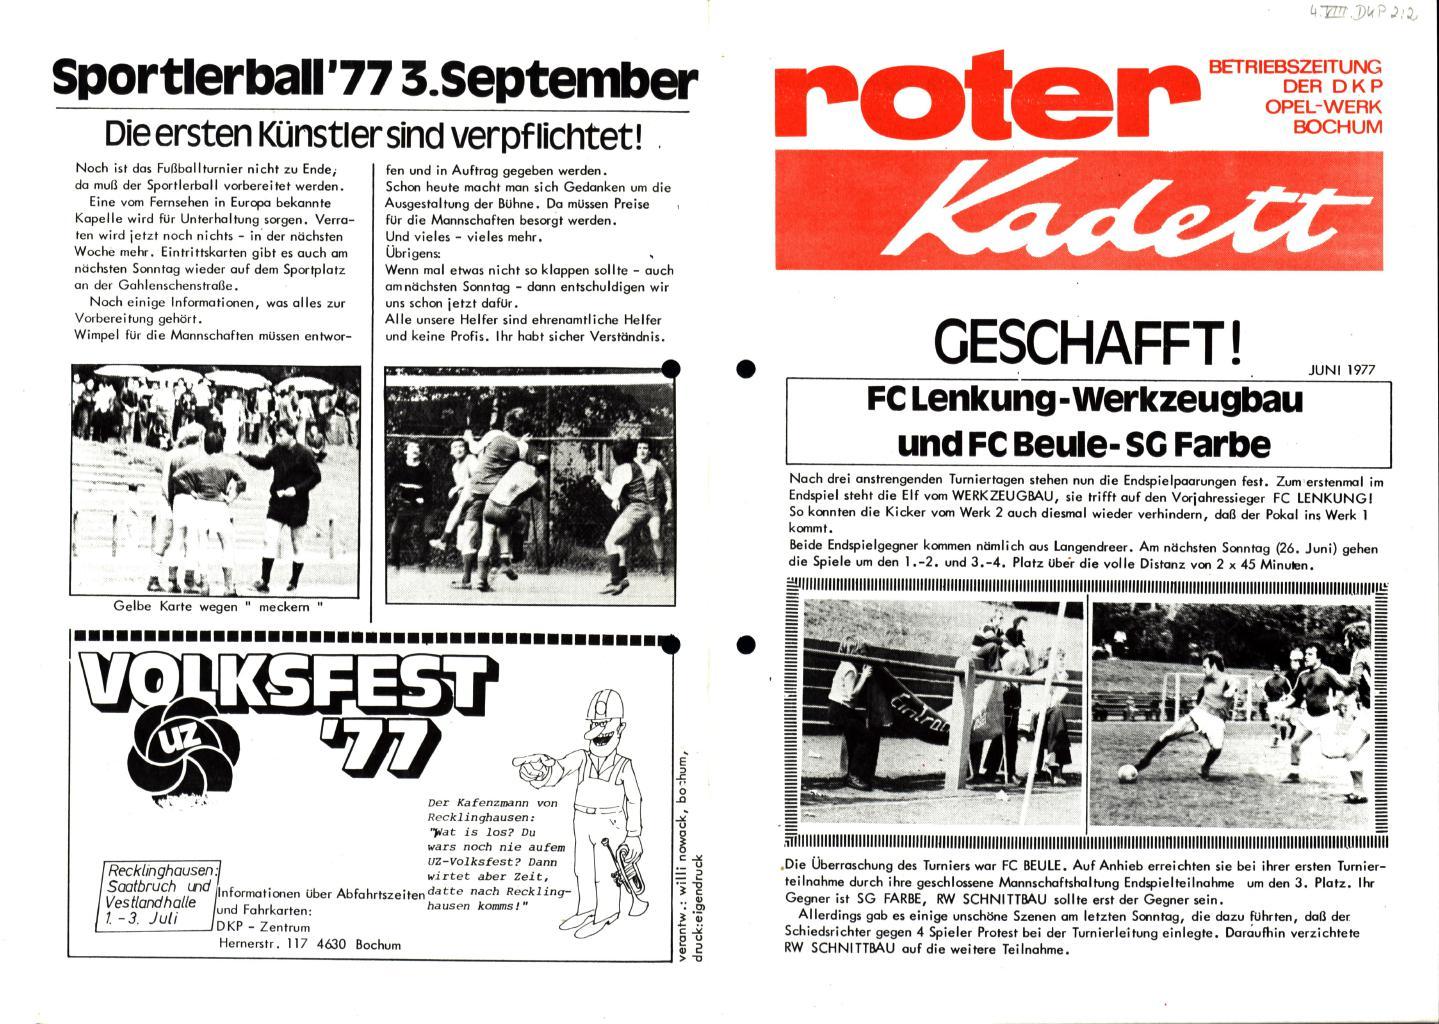 Bochum_Opel_Roter_Kadett_19770600_01